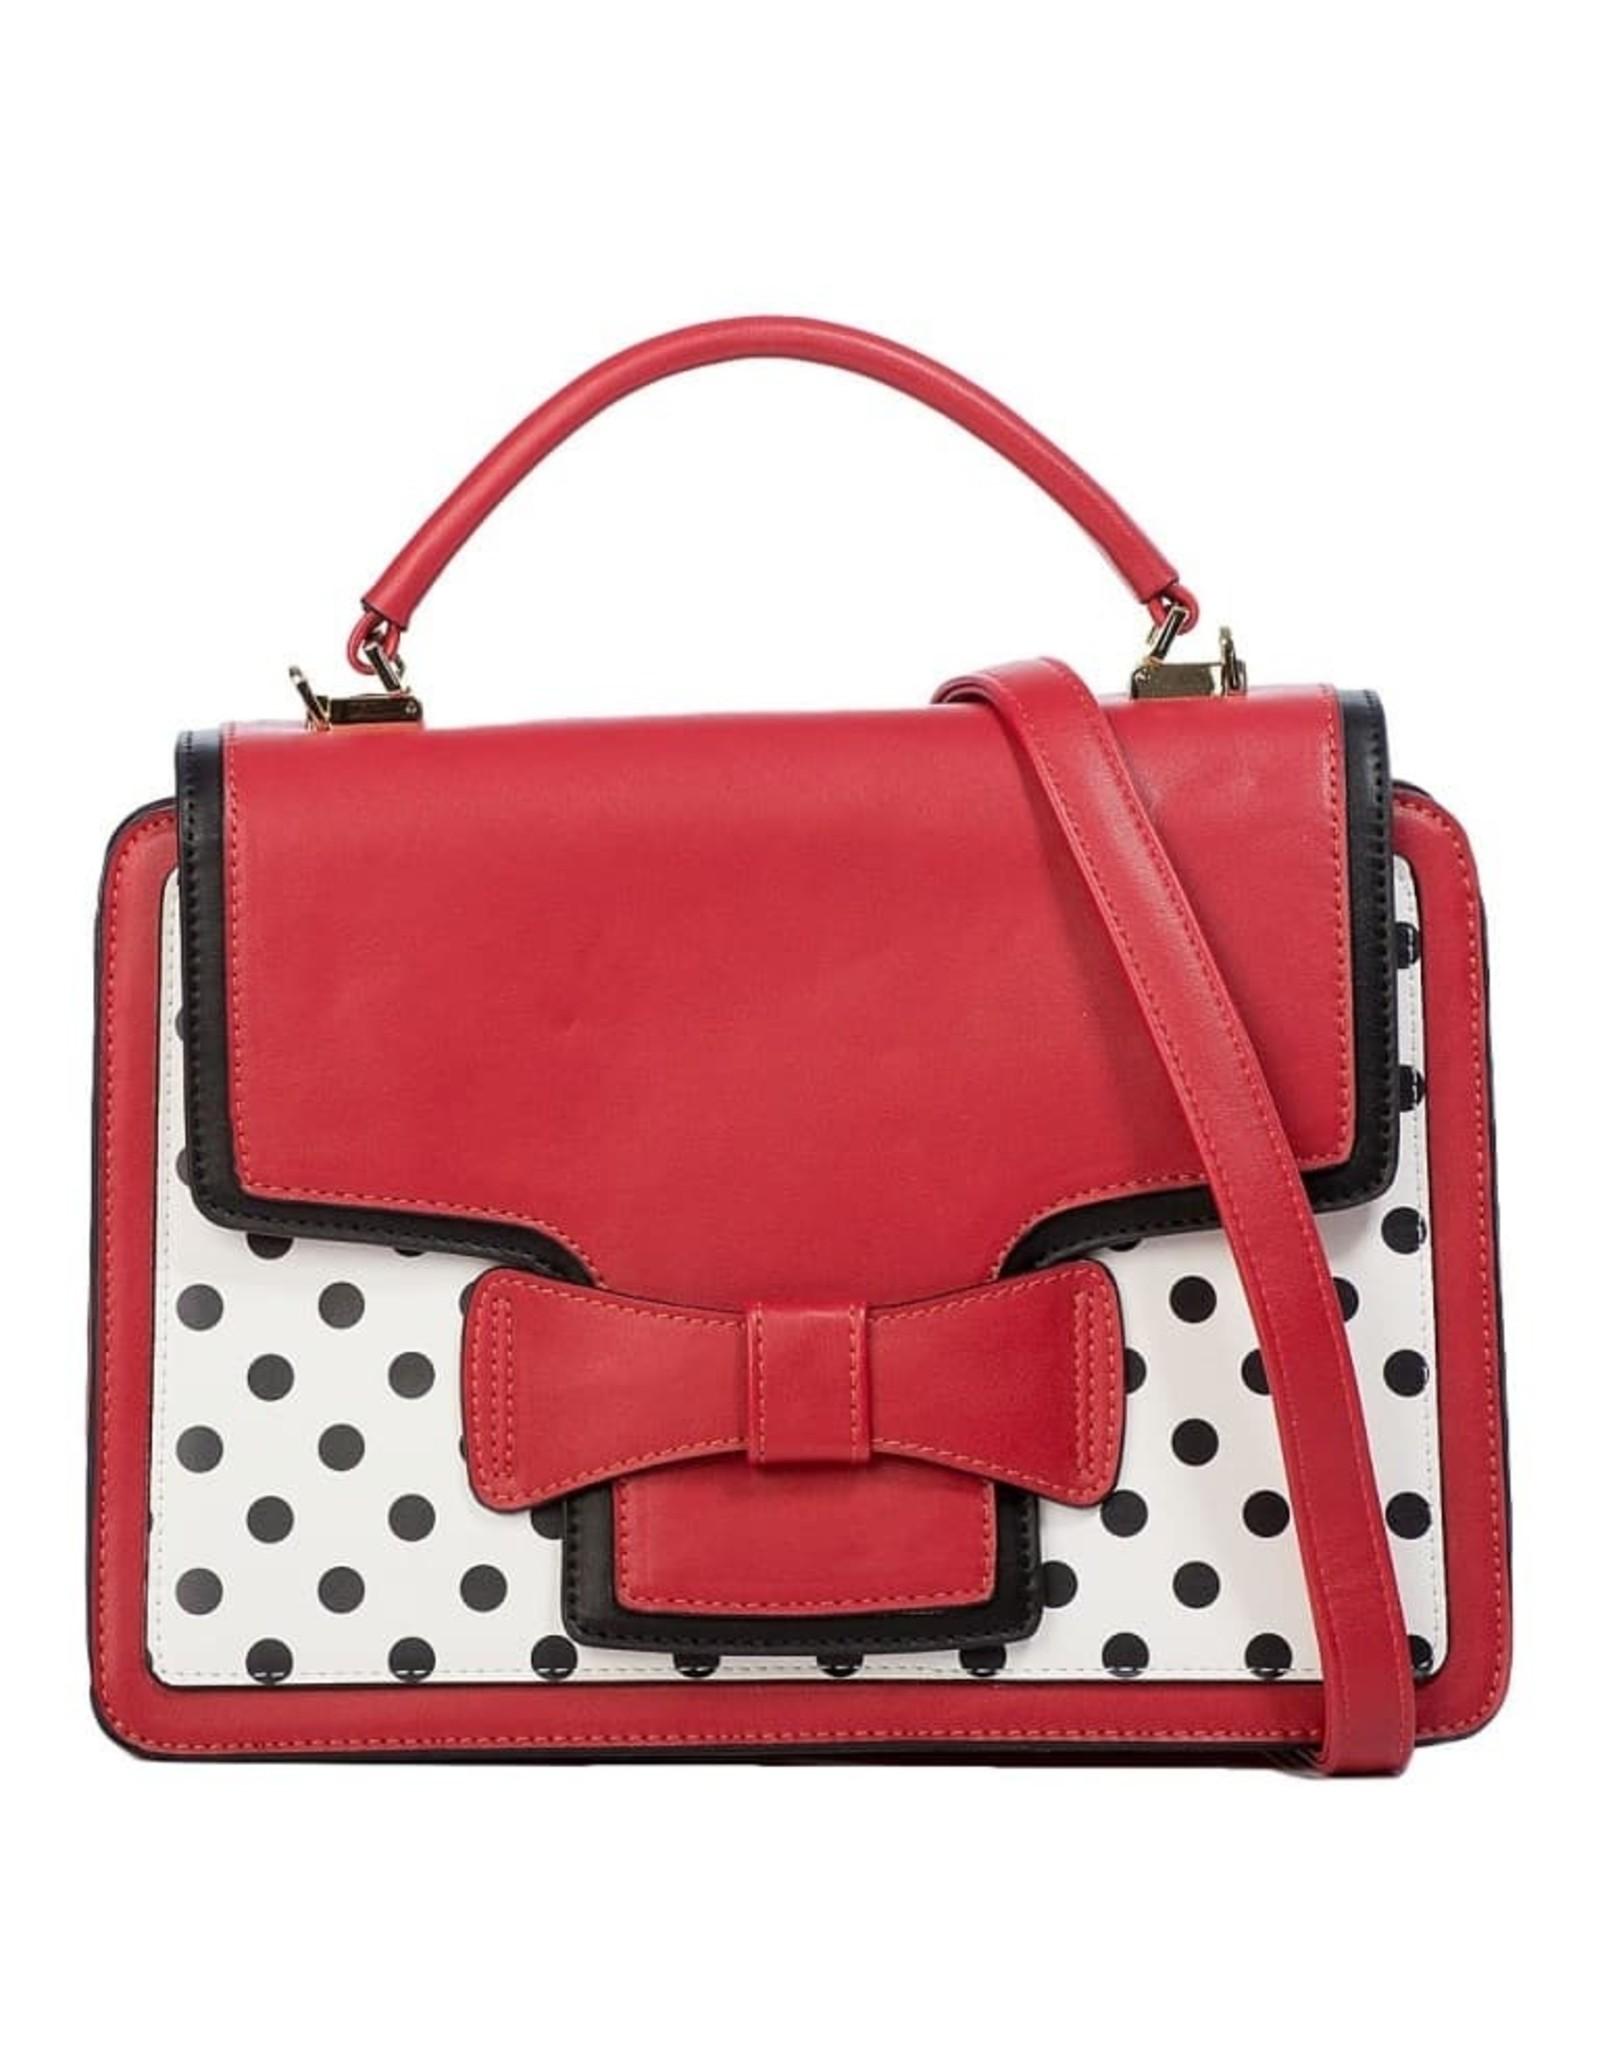 Vintage Retro bags  Vintage bags - Banned Retro handbag Elegant Spots (red-white)